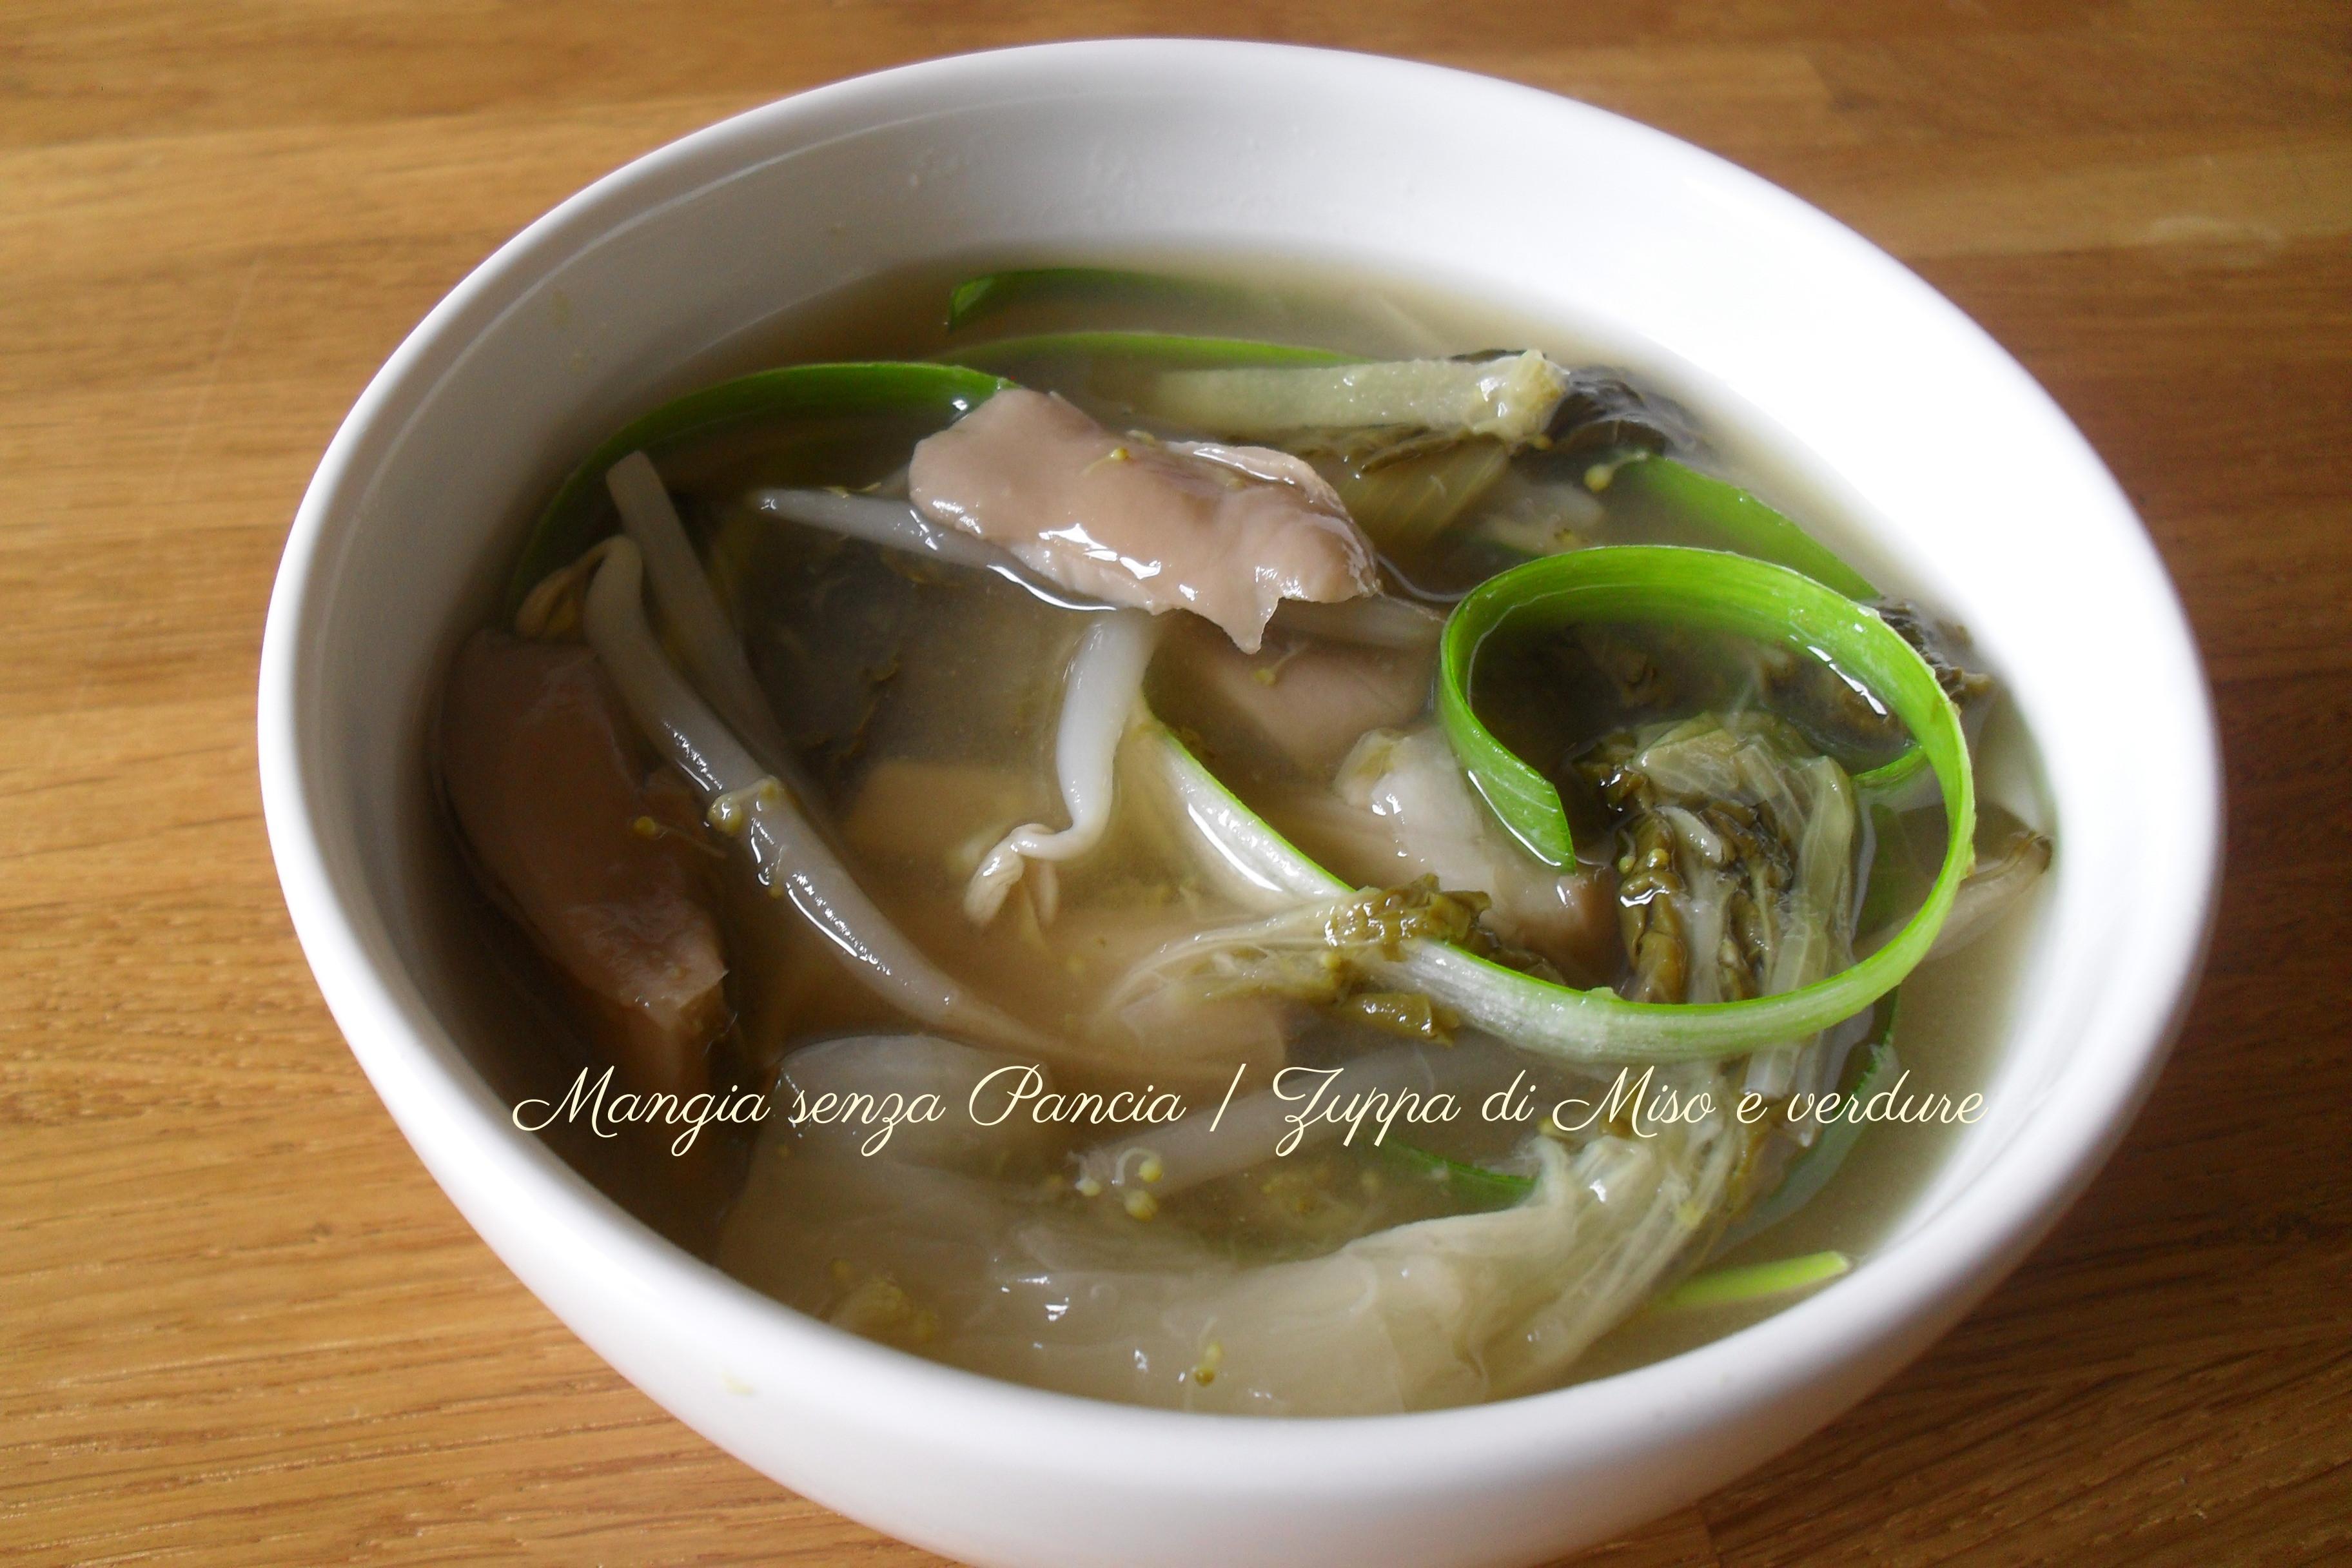 Zuppa di Miso e verdure, ricetta giapponese